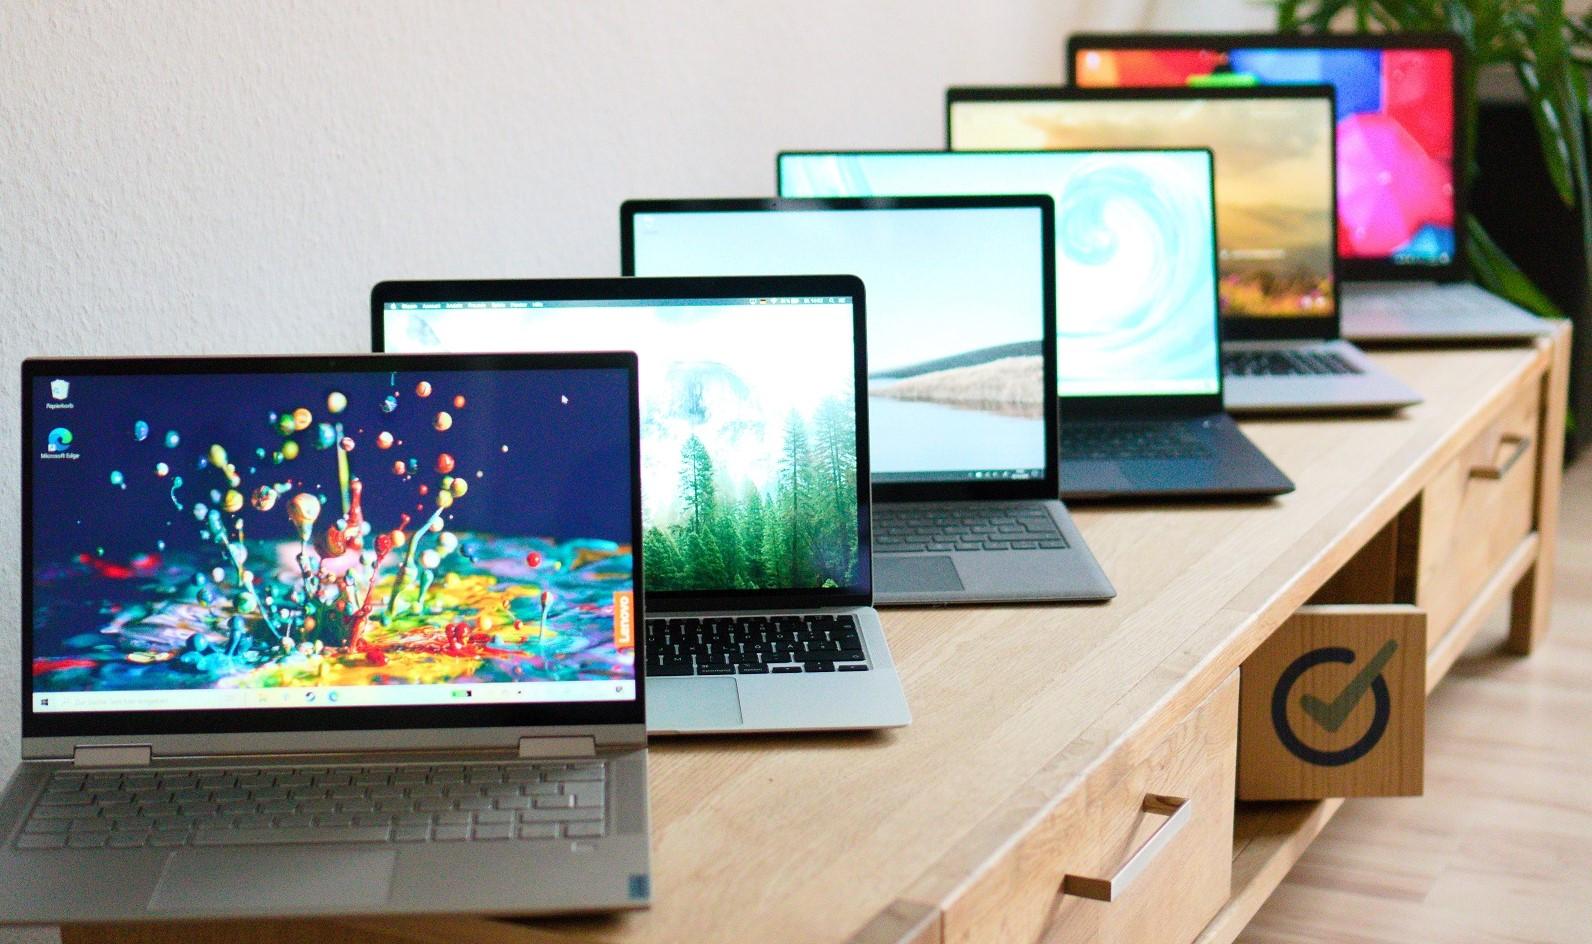 Wir hatten sechs Laptops dem Alltagstest unterzogen und dabei auf Akku, Display und mehr geachtet